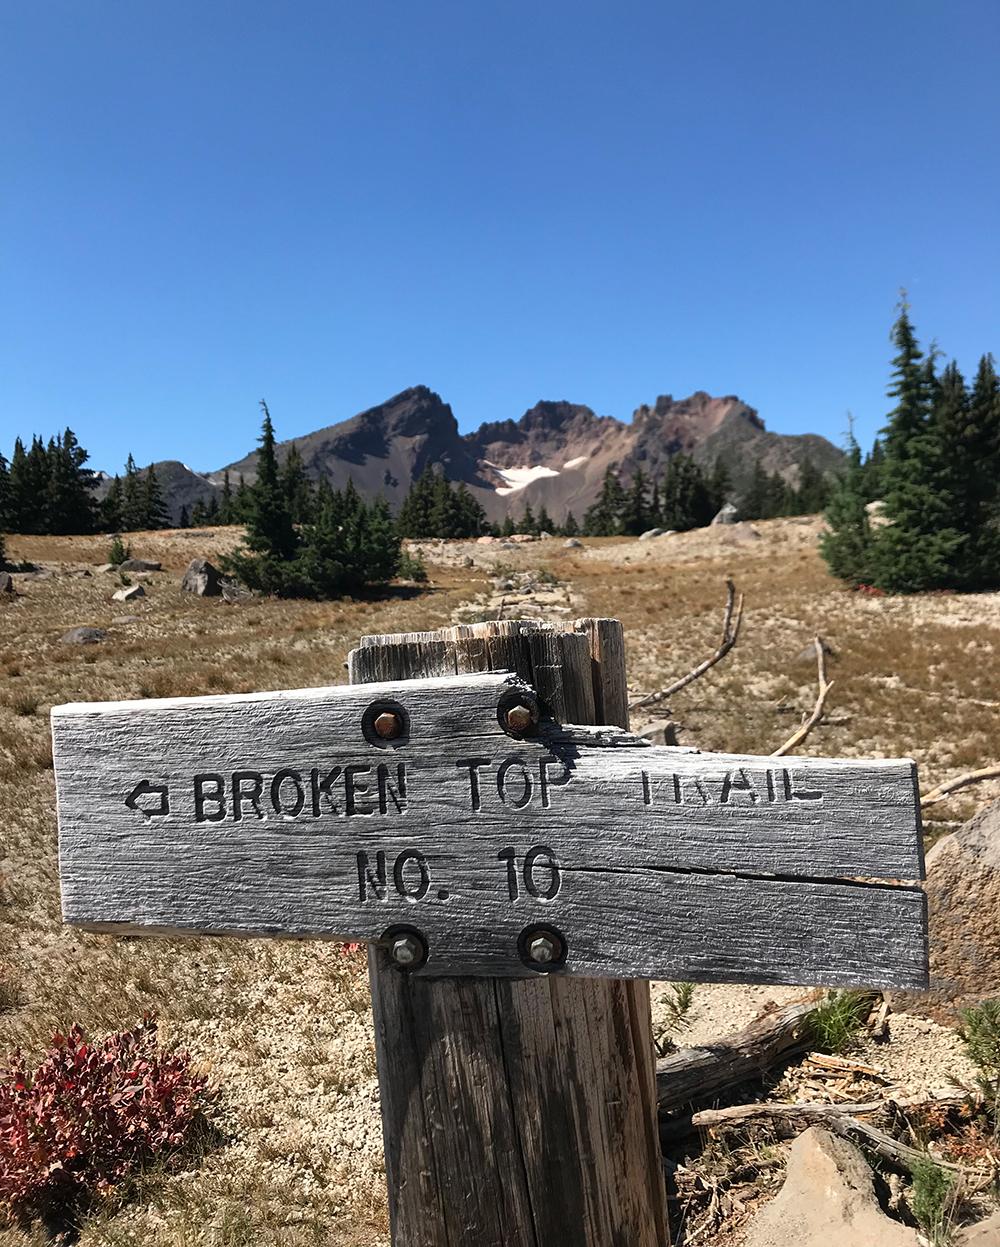 Broken-Top-Trail-broken-sign